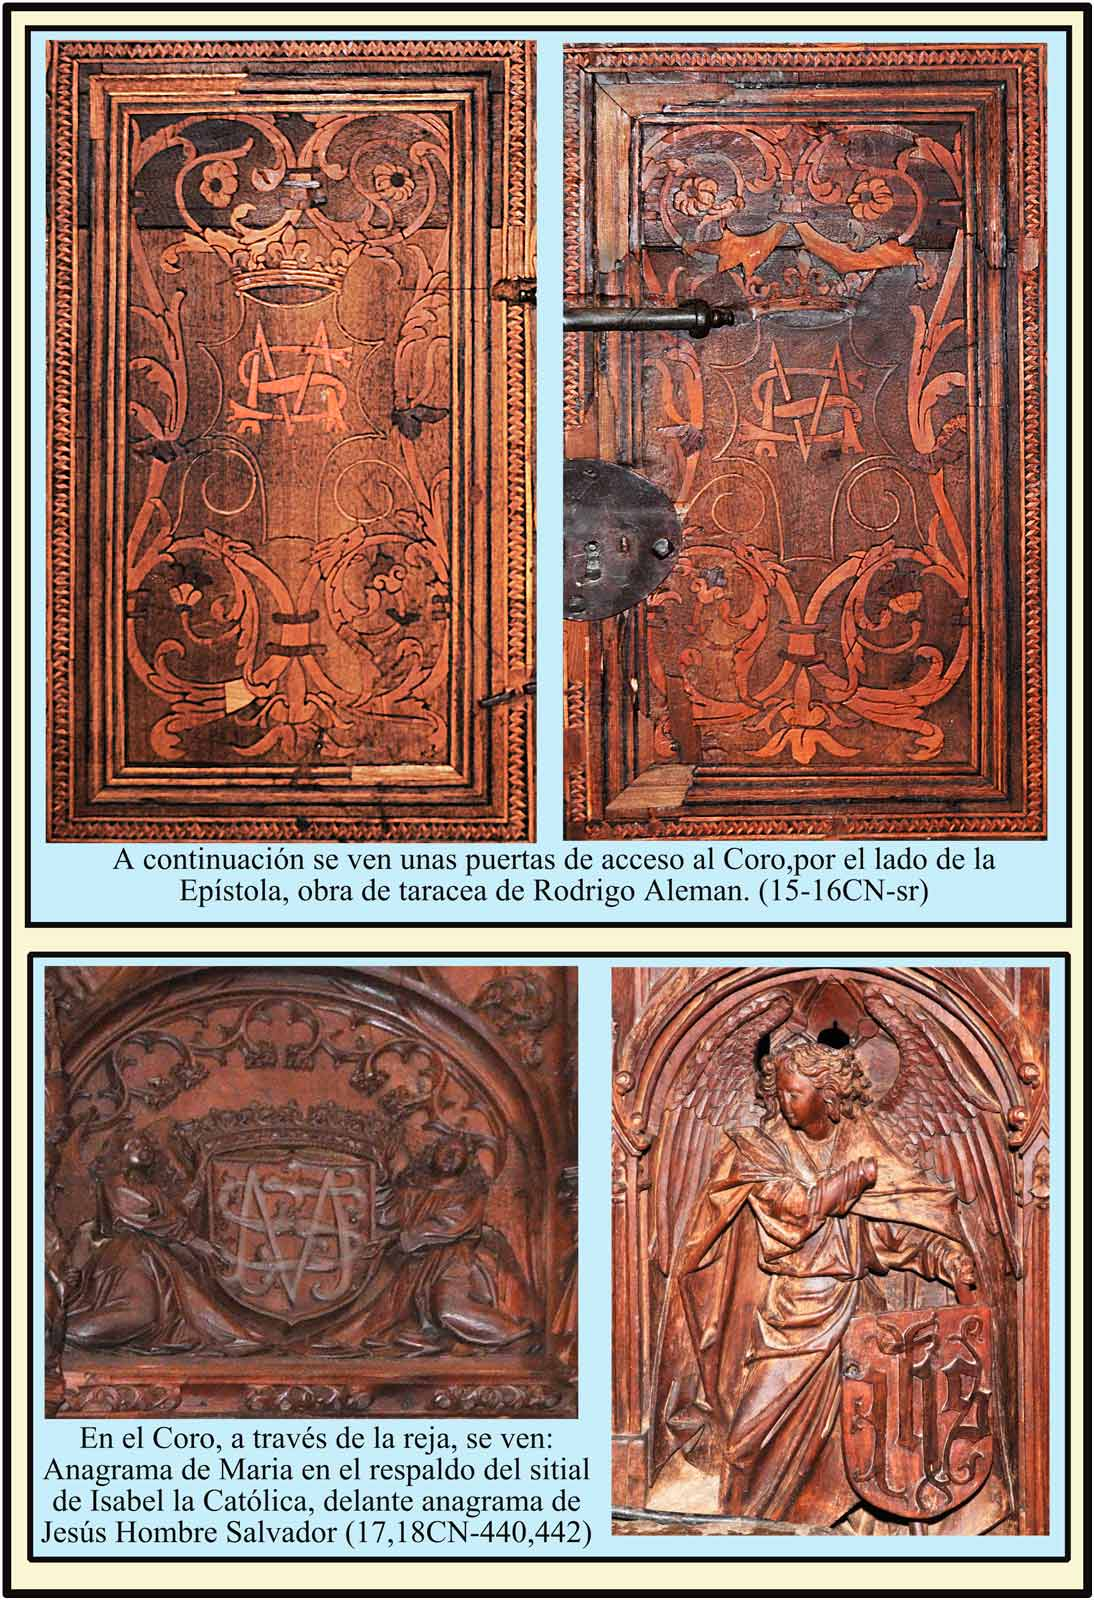 Puertas de entrada a la Silleria del Coro. Anagramas de María, en el sitial de Isabel la Catolica, y de JHs